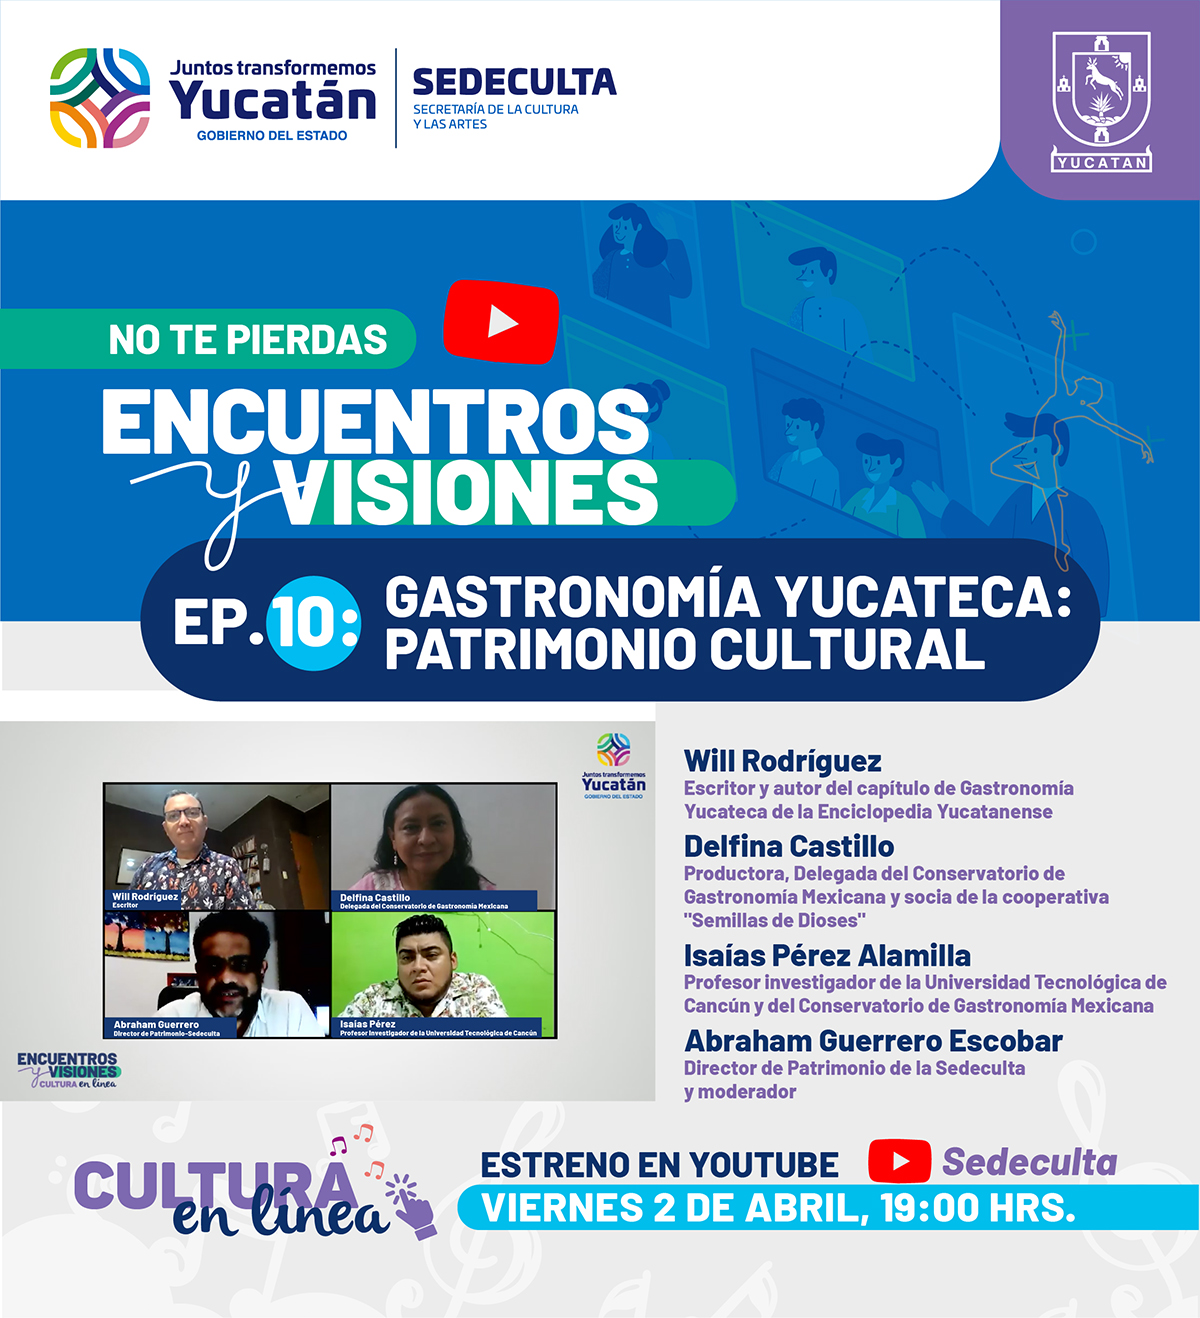 Encuentros-y-visiones-Gastronomía-yucateca.jpg